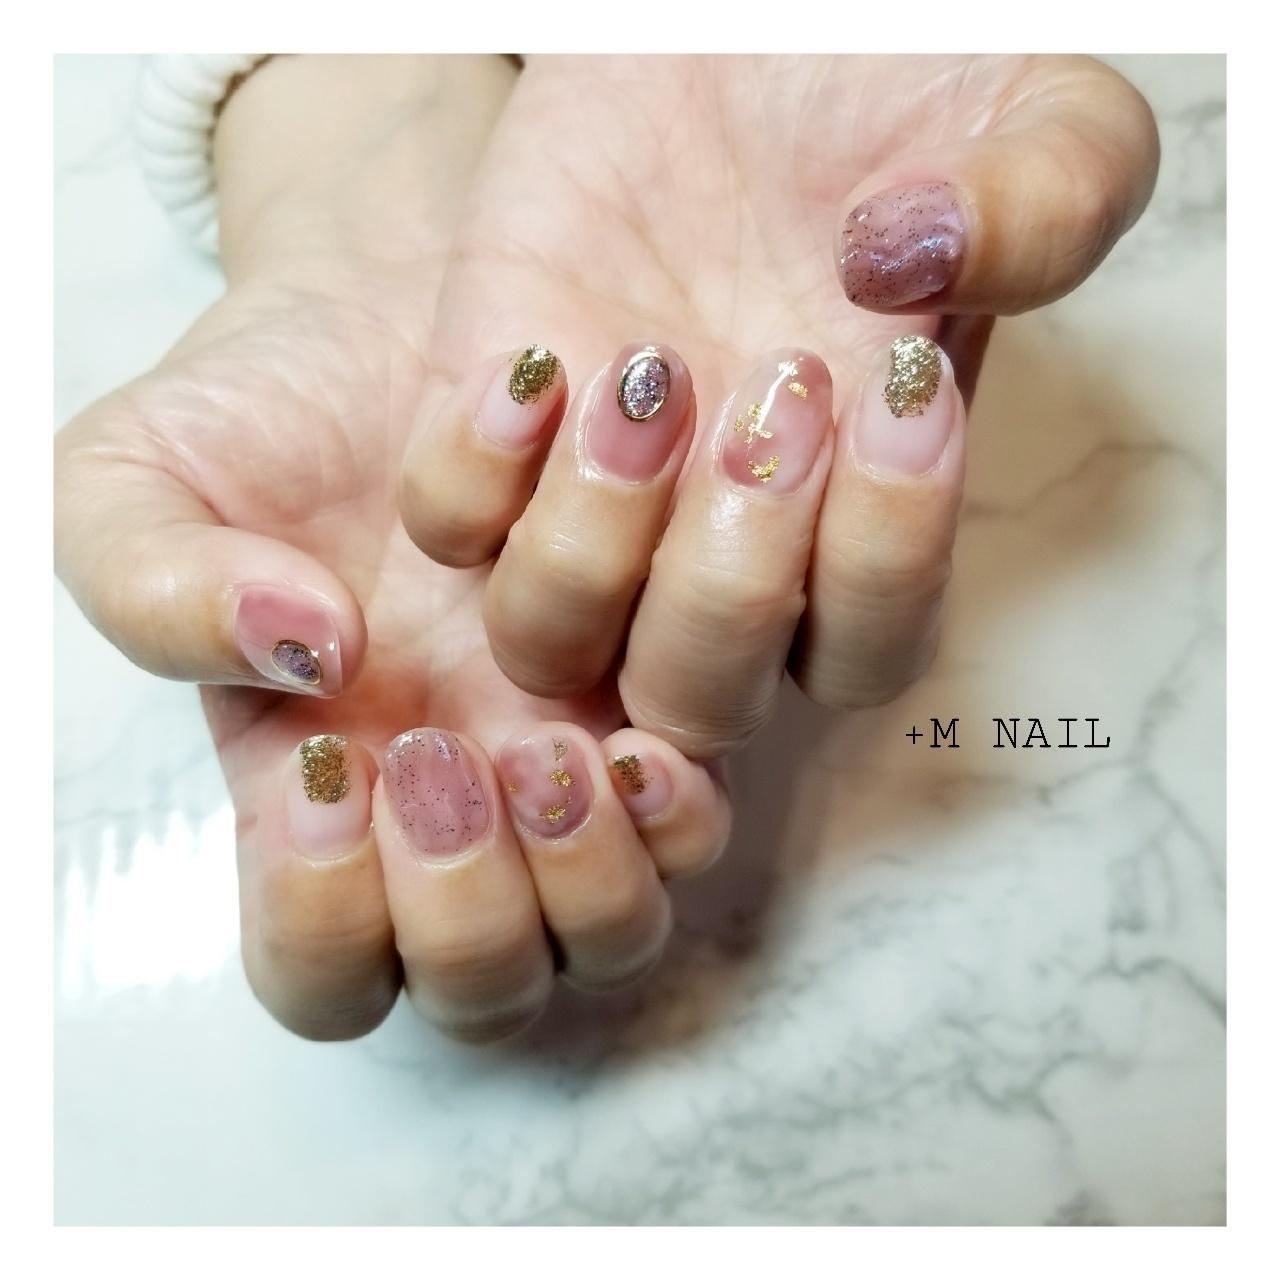 #nails #ジェル #ジェルネイル #ネイル #ネイルサロン #ネイルデザイン #ハンド #大人ネイル #大人可愛い #ニュアンスネイル#ピンクネイル#ブローチネイル#凹凸ネイル#ラメ#カジュアルネイル#おしゃれネイル